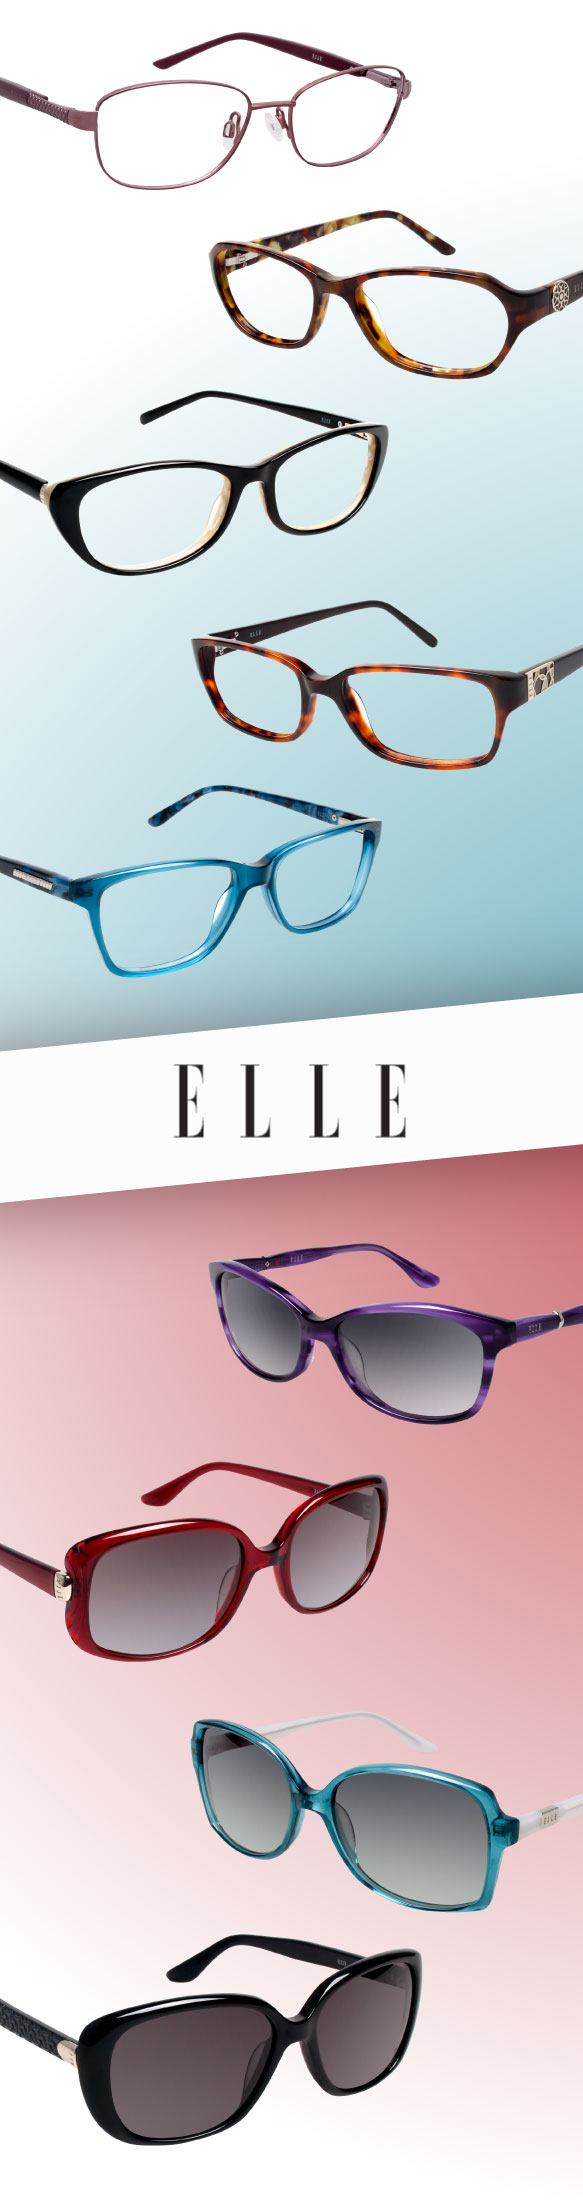 ELLE (EL 13369), ELLE (EL 13372), ELLE (EL 13350), ELLE (EL13370), ELLE (EL 13367), ELLE (EL 18983), ELLE (18992), ELLE (EL 18989), ELLE (18986)